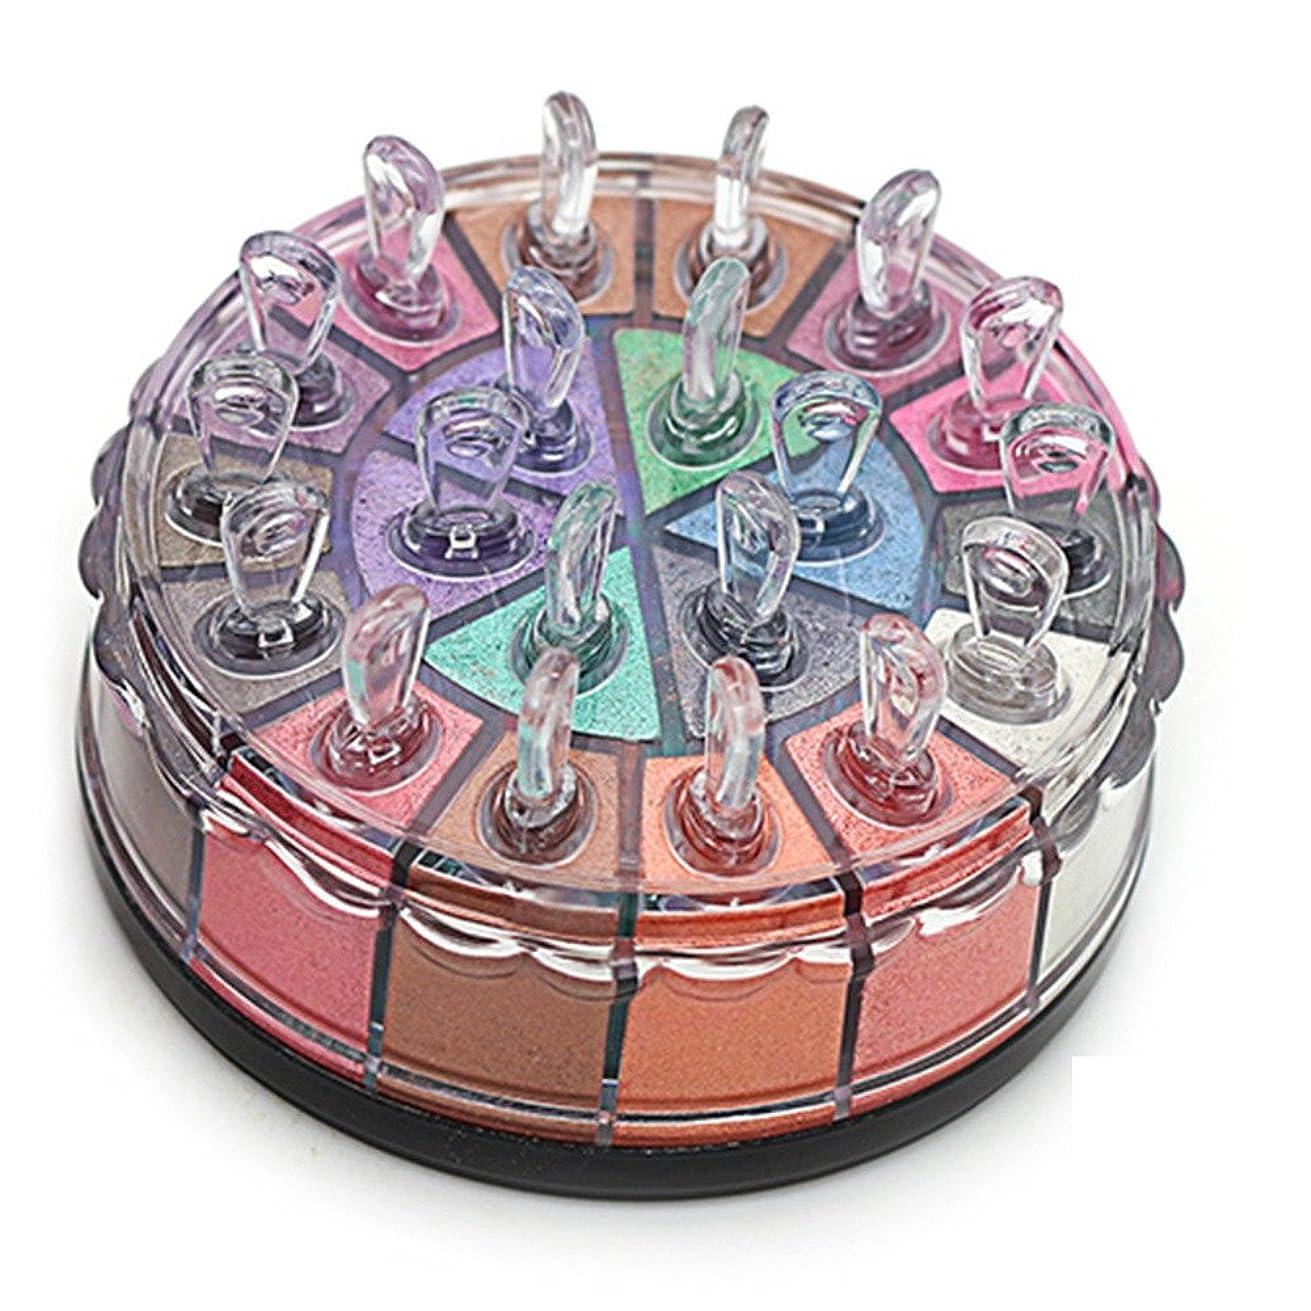 ビルバインド途方もないMatte Eyeshadow YOKINO アイシャドー パレット 化粧筆 専門化粧 人気 イシャドウ 20色 (2#)